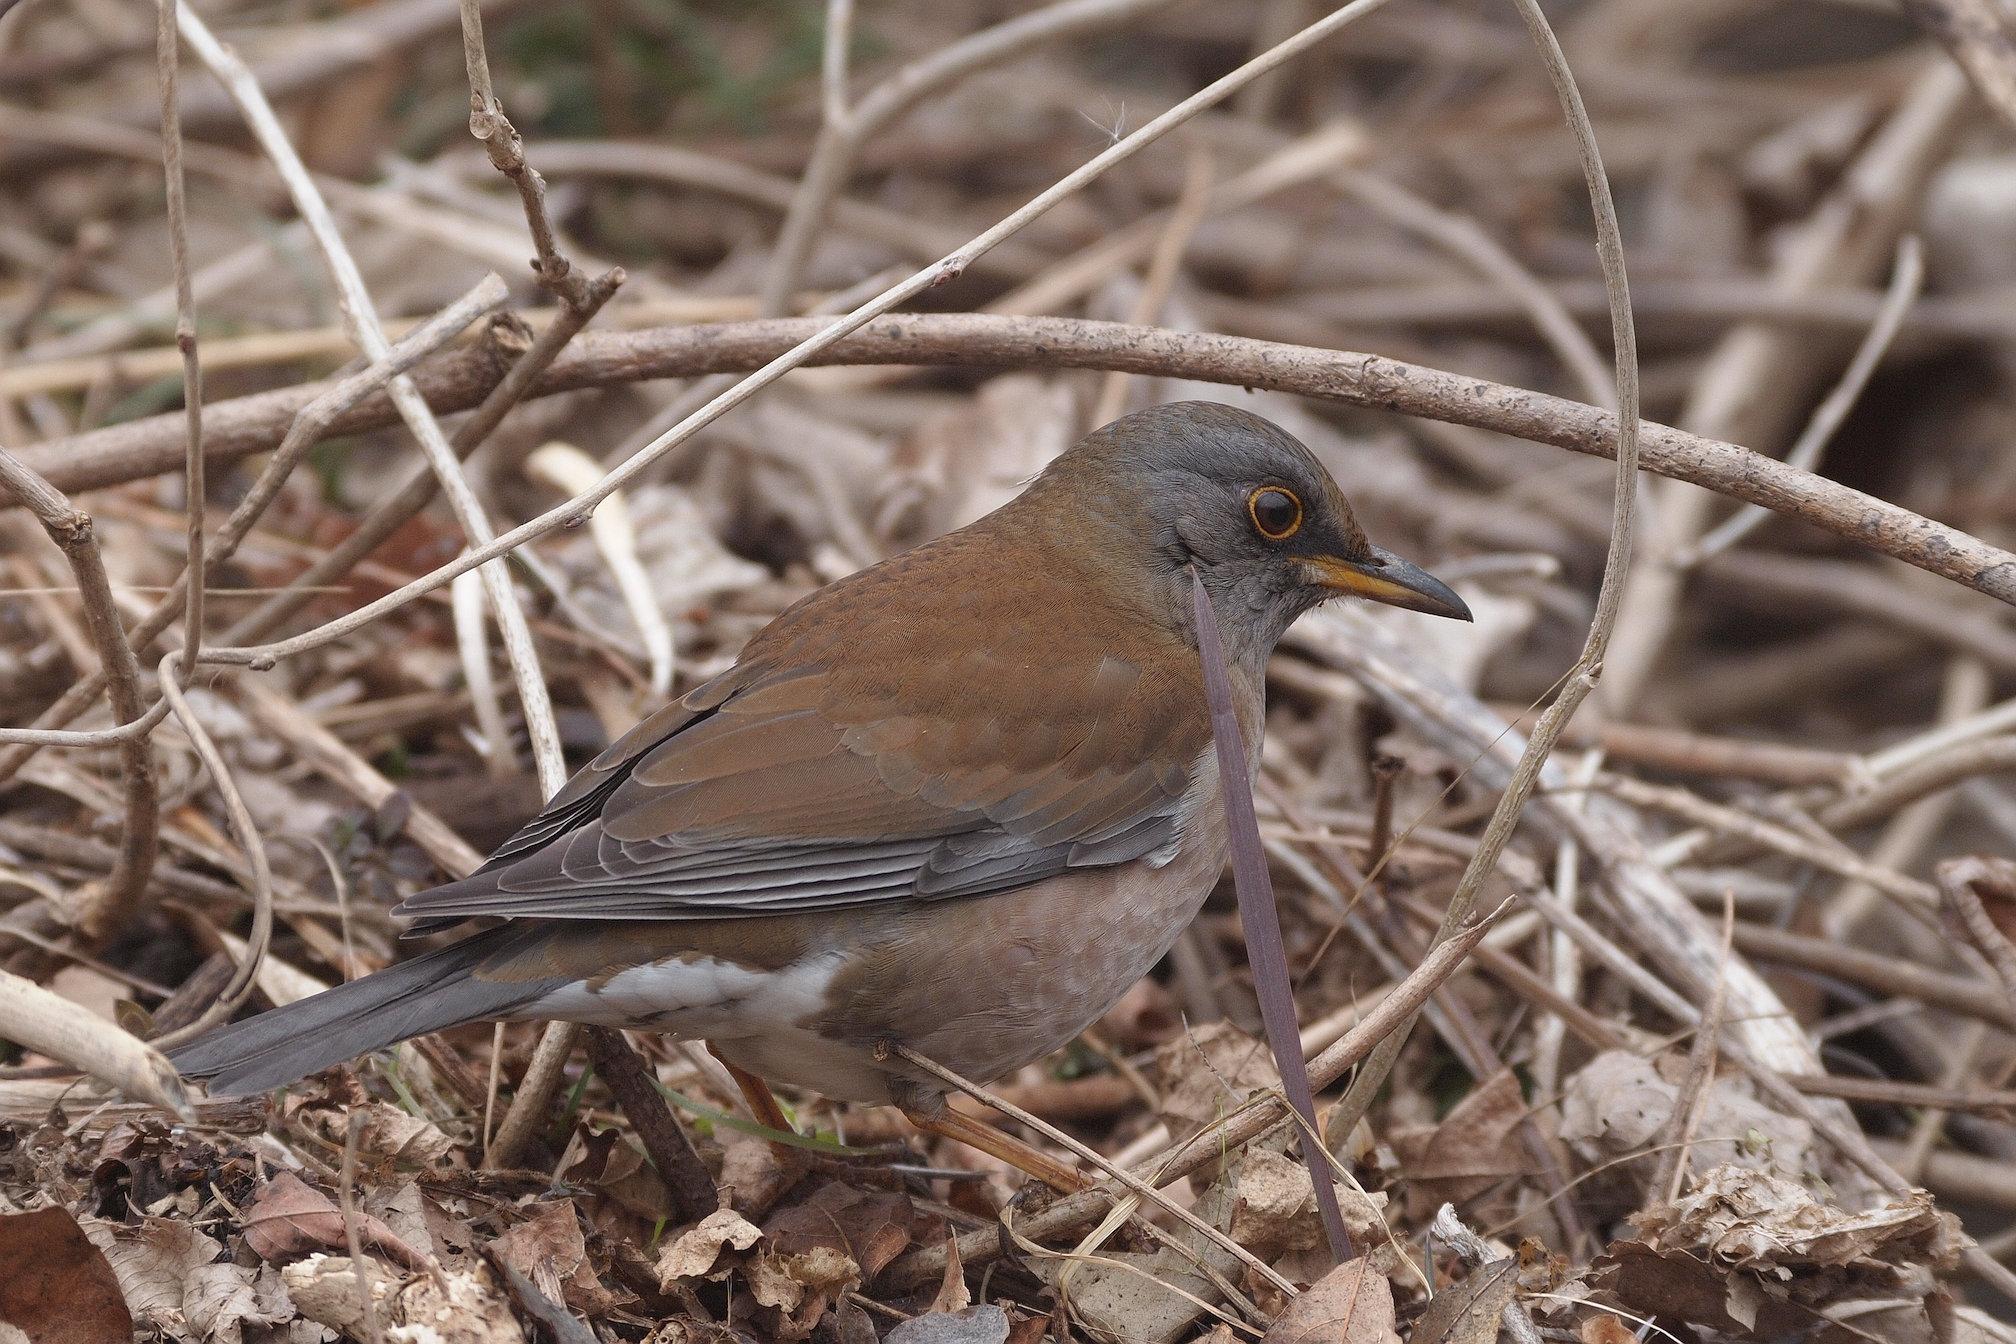 AFボーグ BORG71FLで撮影した野鳥・シロハラの写真画像